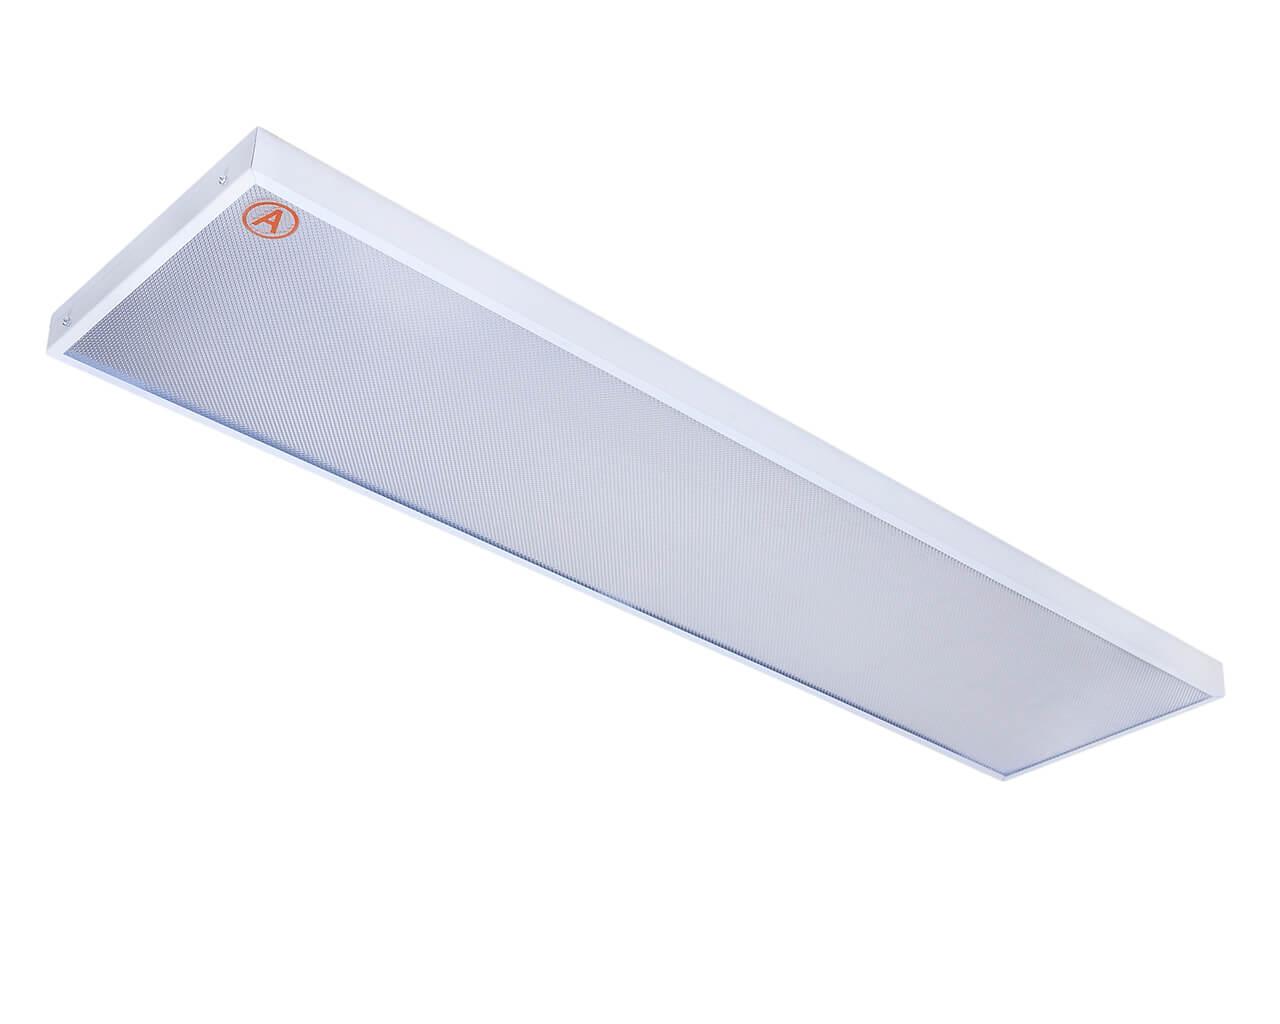 Накладной светильник LC-NSM-40 ватт 1195x295 Теплый белый Призма с Бап